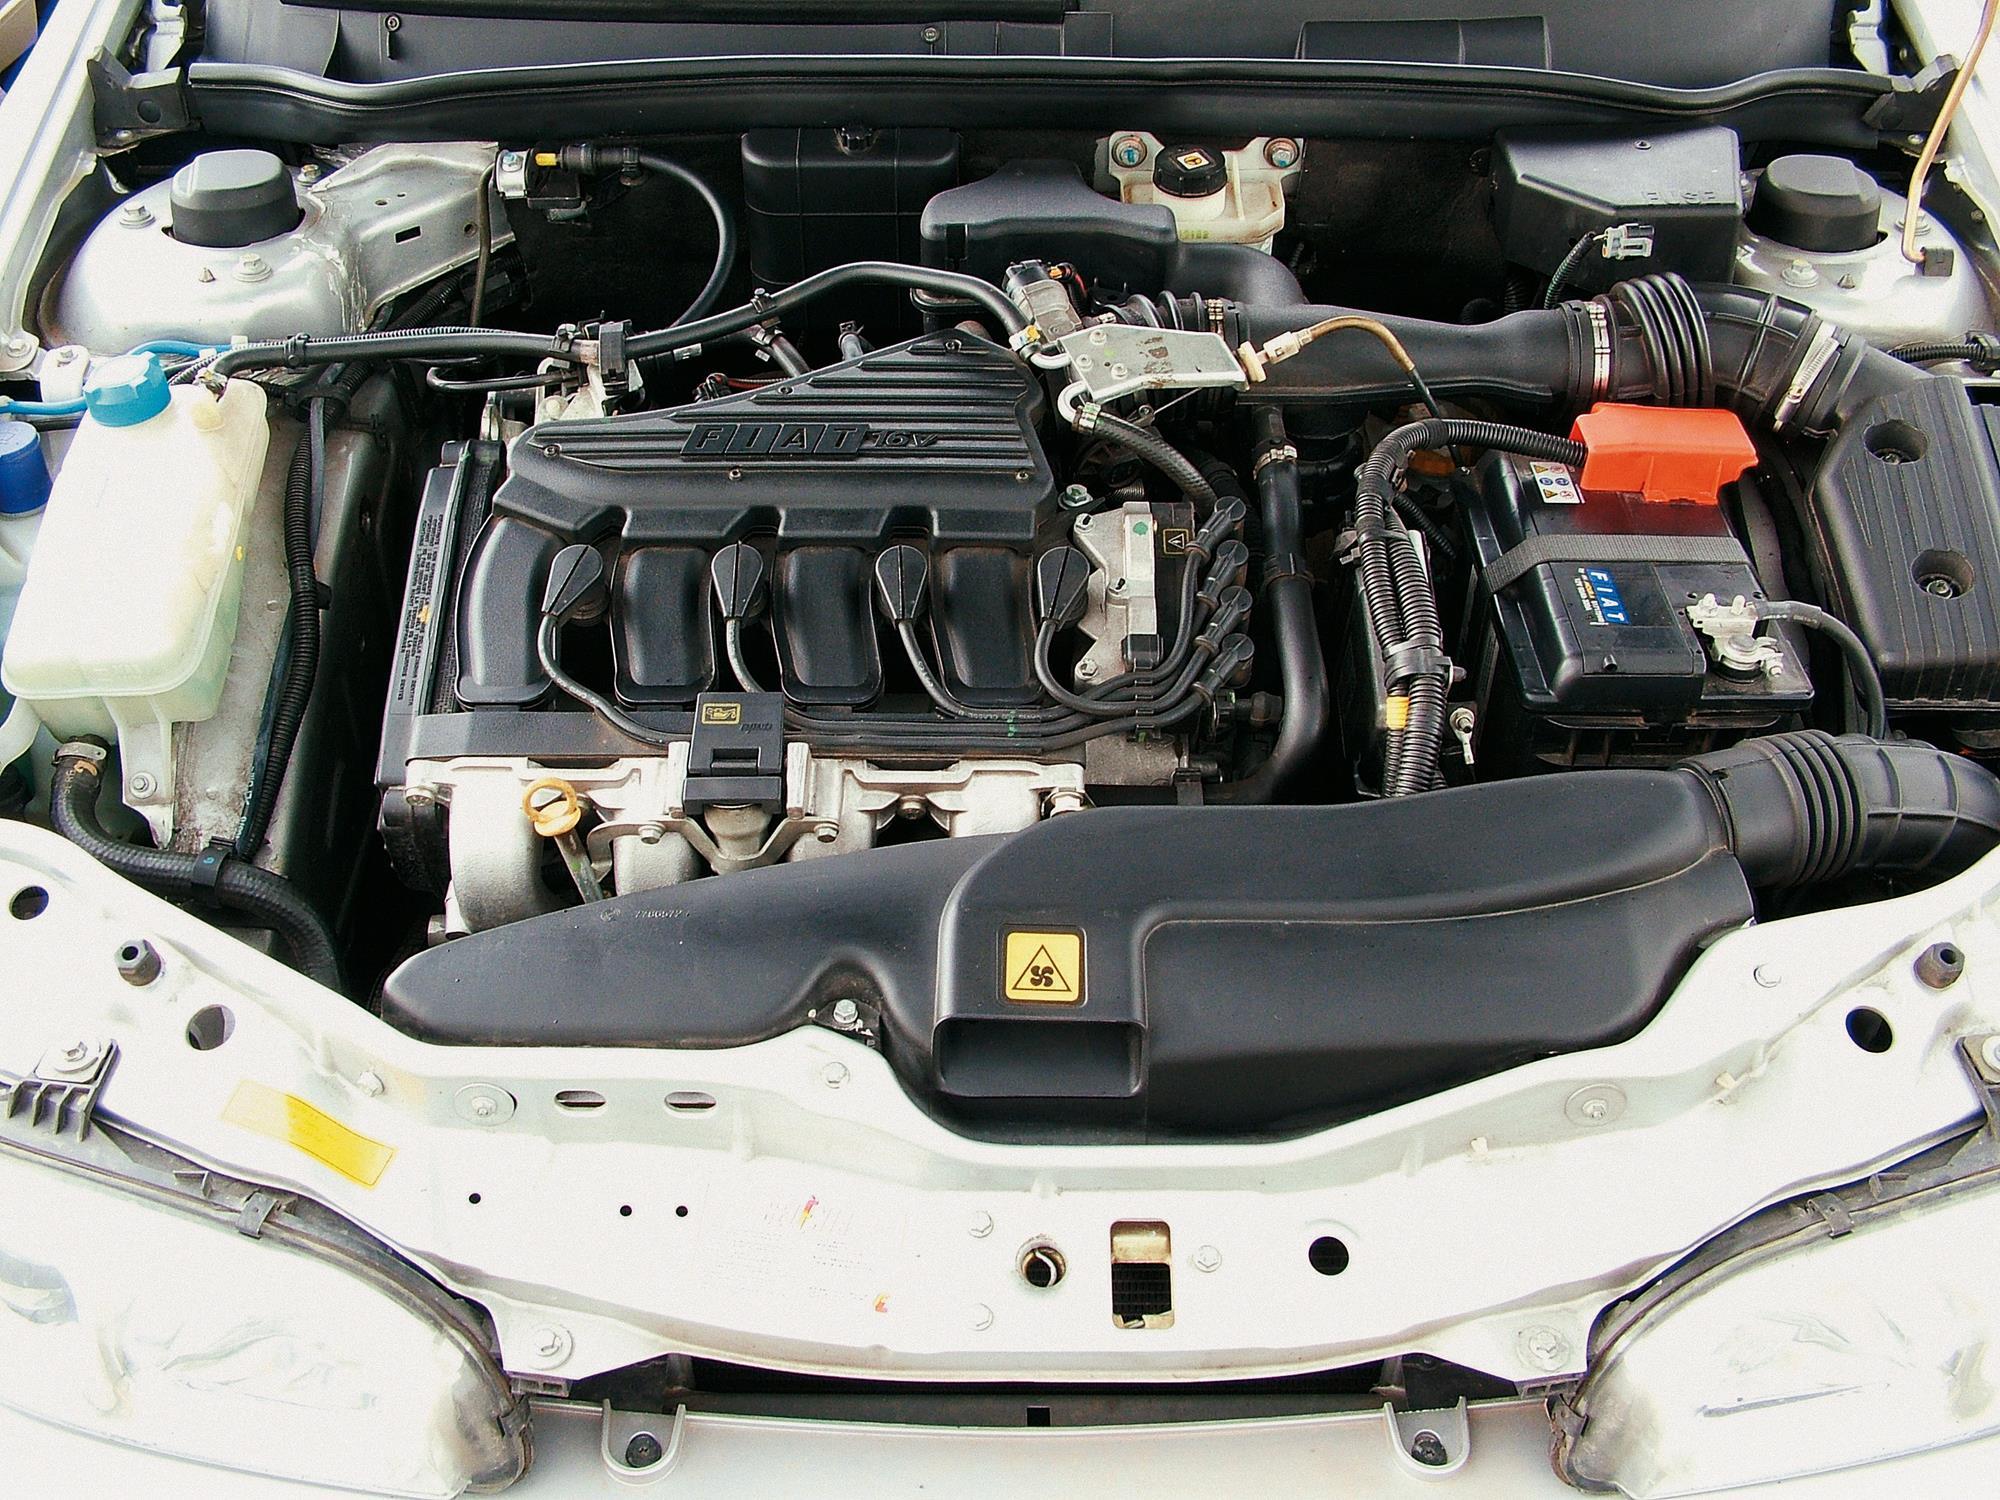 Motor do Marea SX 1.6 da Fiat, sedã modelo 2006, testado pela revista Quatro Rod_1